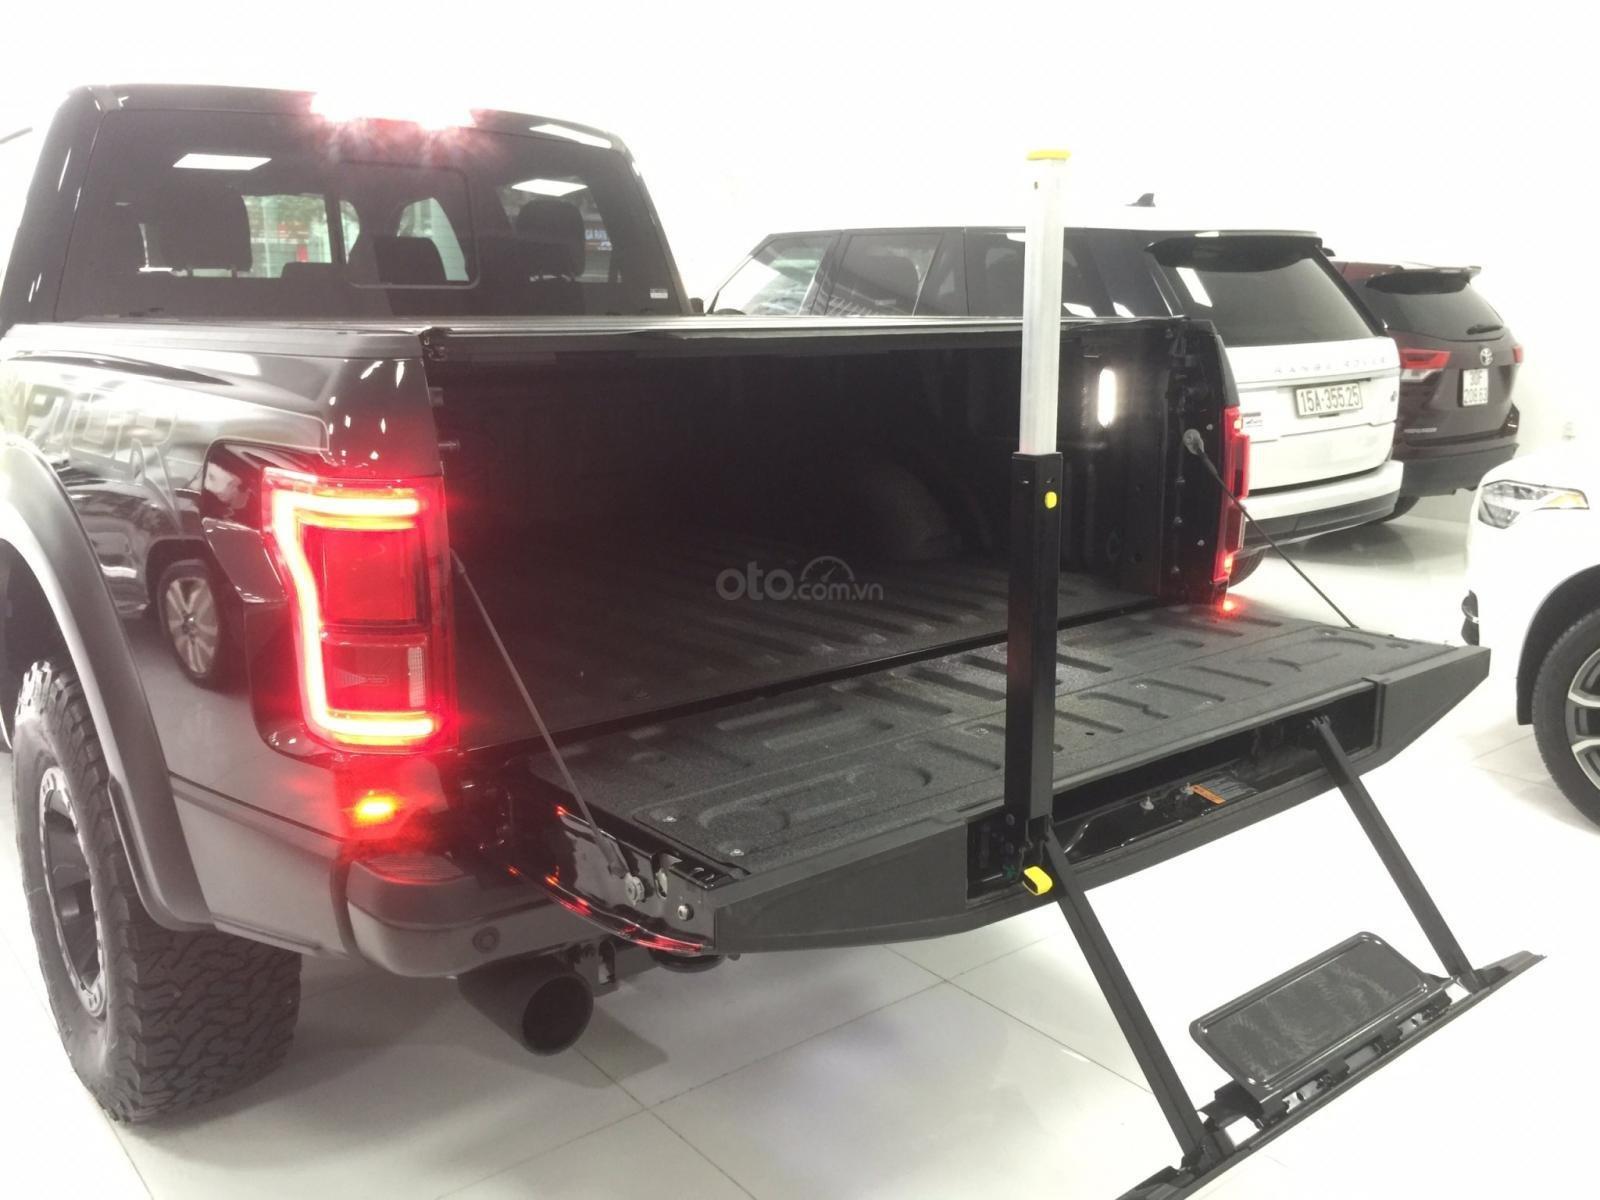 Bán siêu bán tải Ford F150 Raptor 2020, LH Ms Hương giá tốt giao ngay toàn quốc (5)